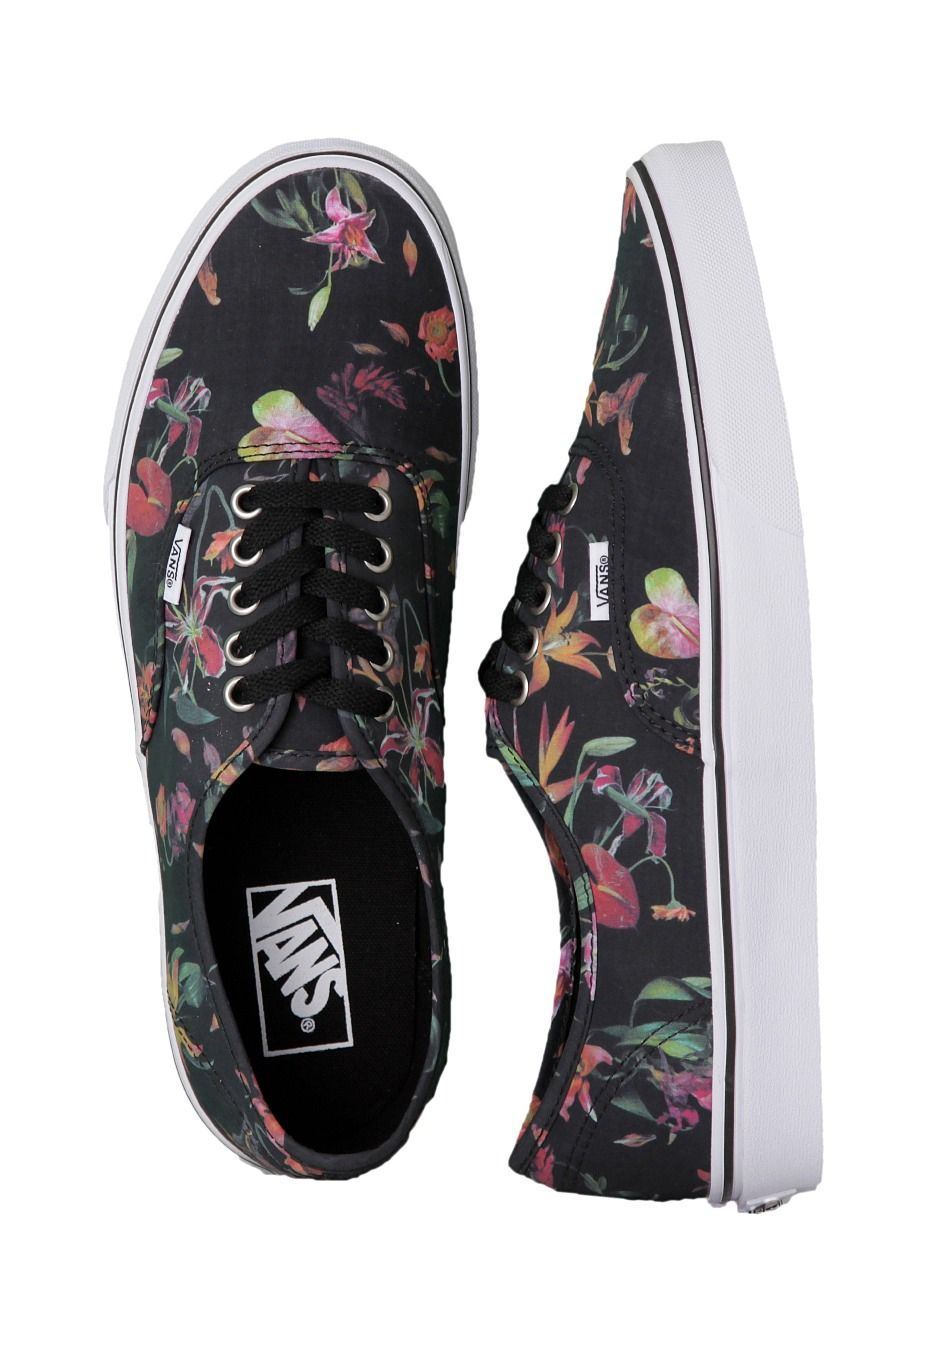 e1dc215bb7 Vans - Authentic Black Bloom Black True White - Schuhe - Vans - Offizieller  Streetwear Online Shop - Impericon.com